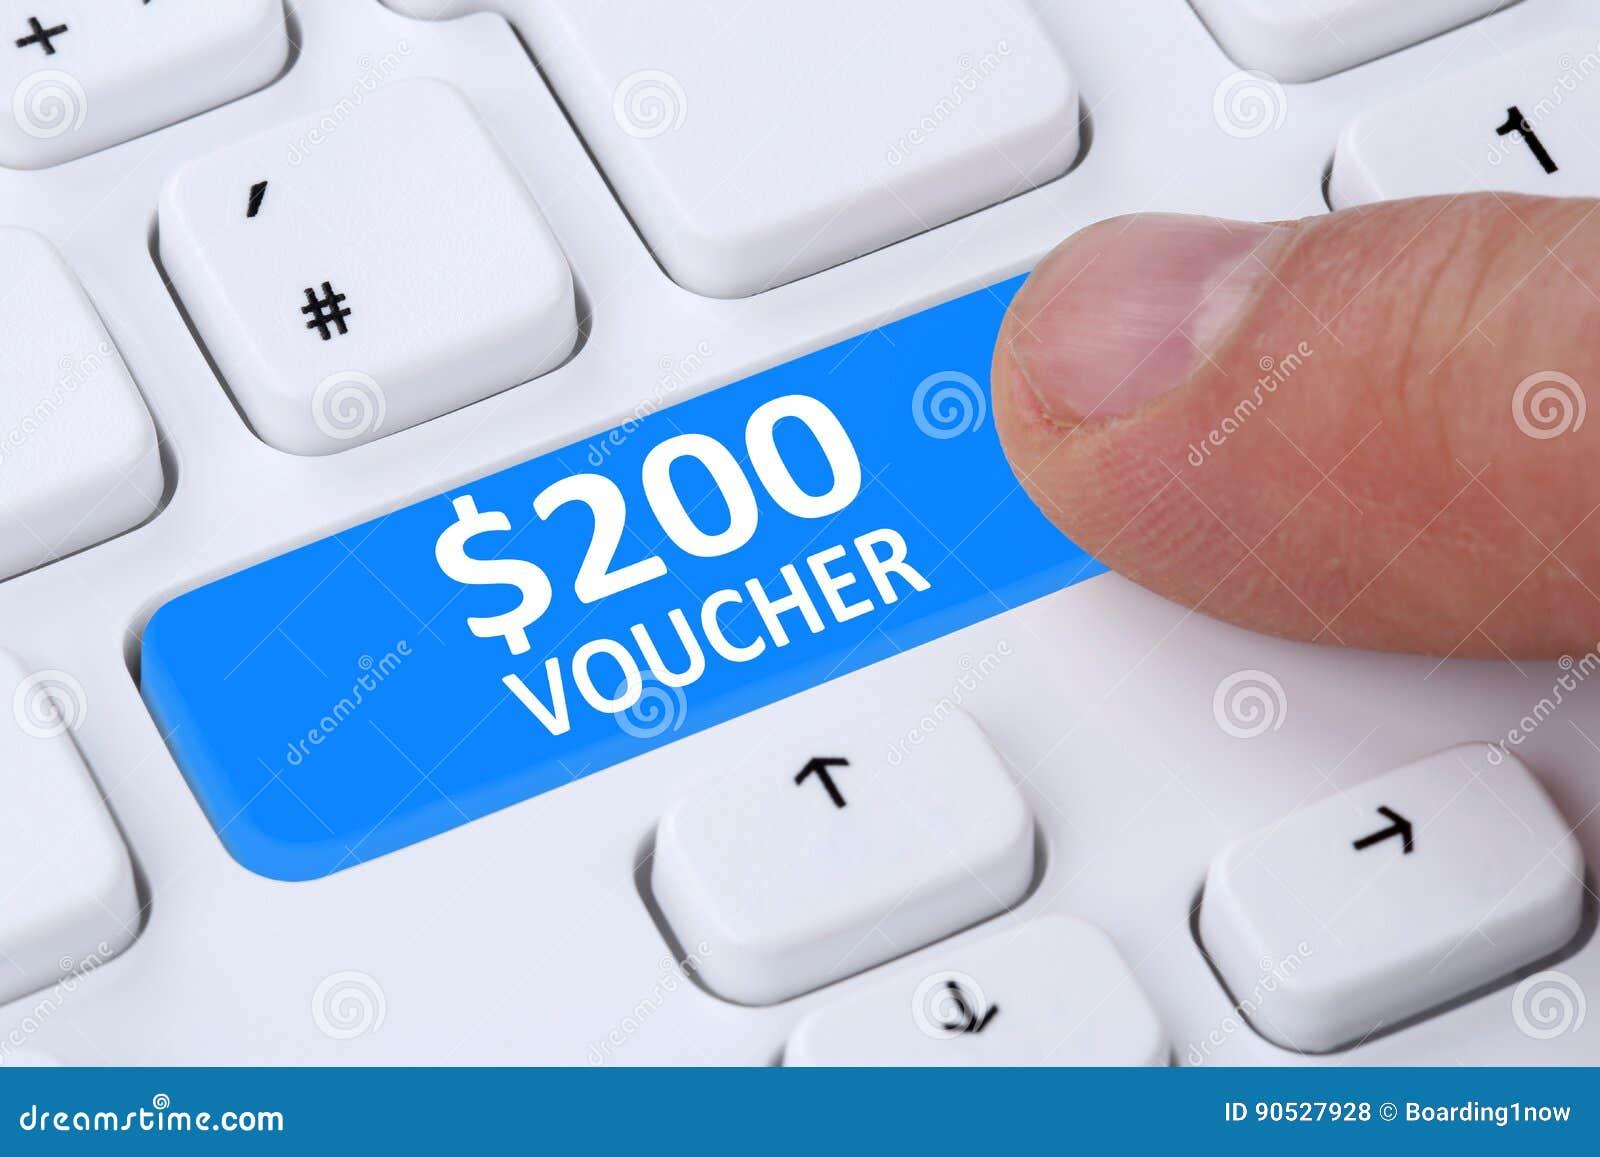 200 Dollar Voucher Gift Discount Sale Online Shopping E